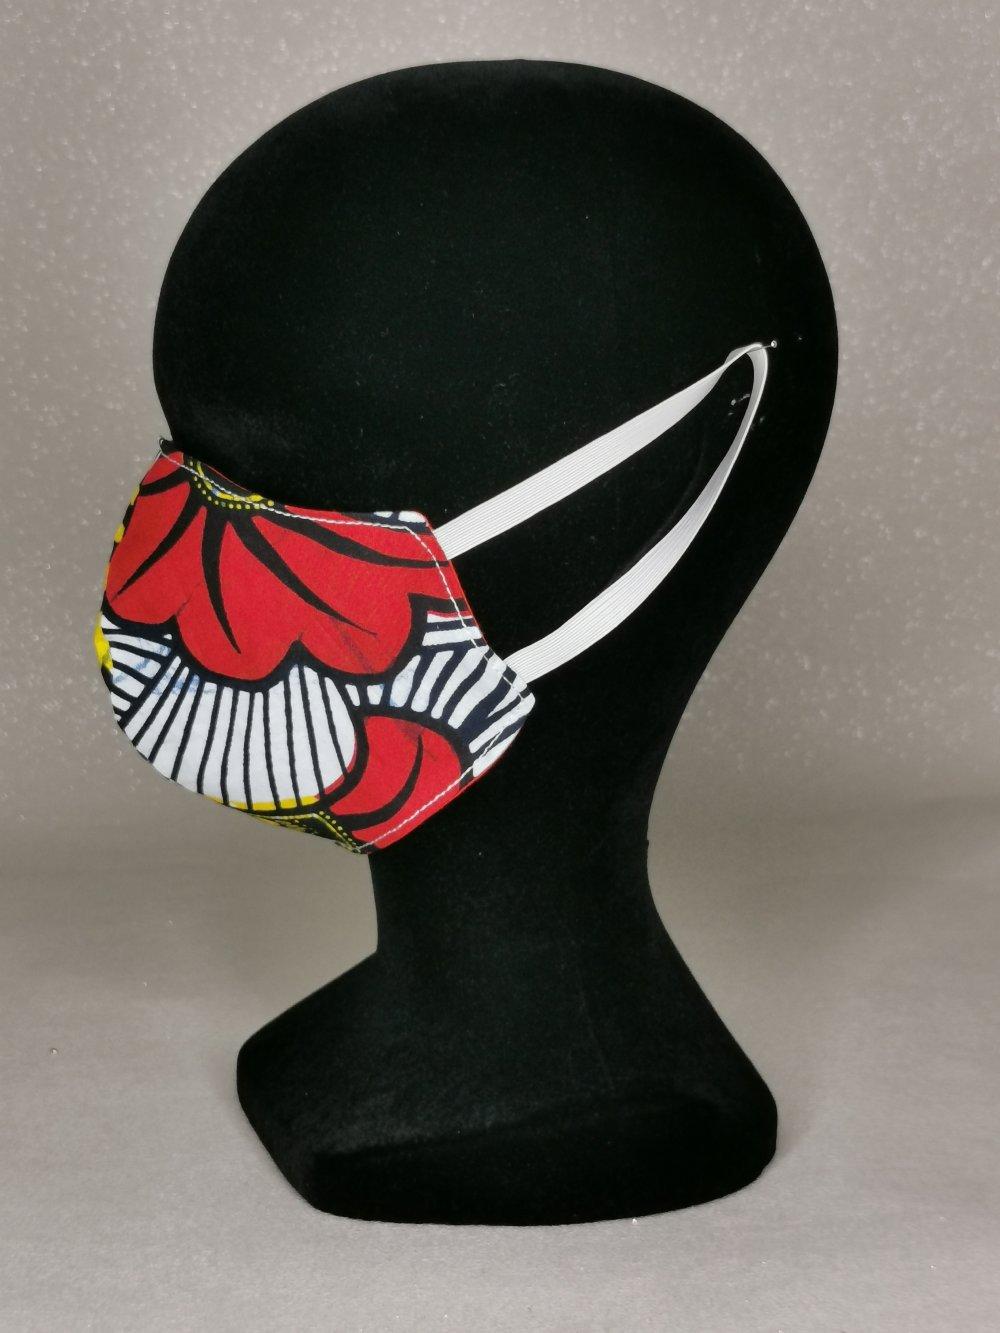 Masque de protection en coton, masque lavable et réutilisable